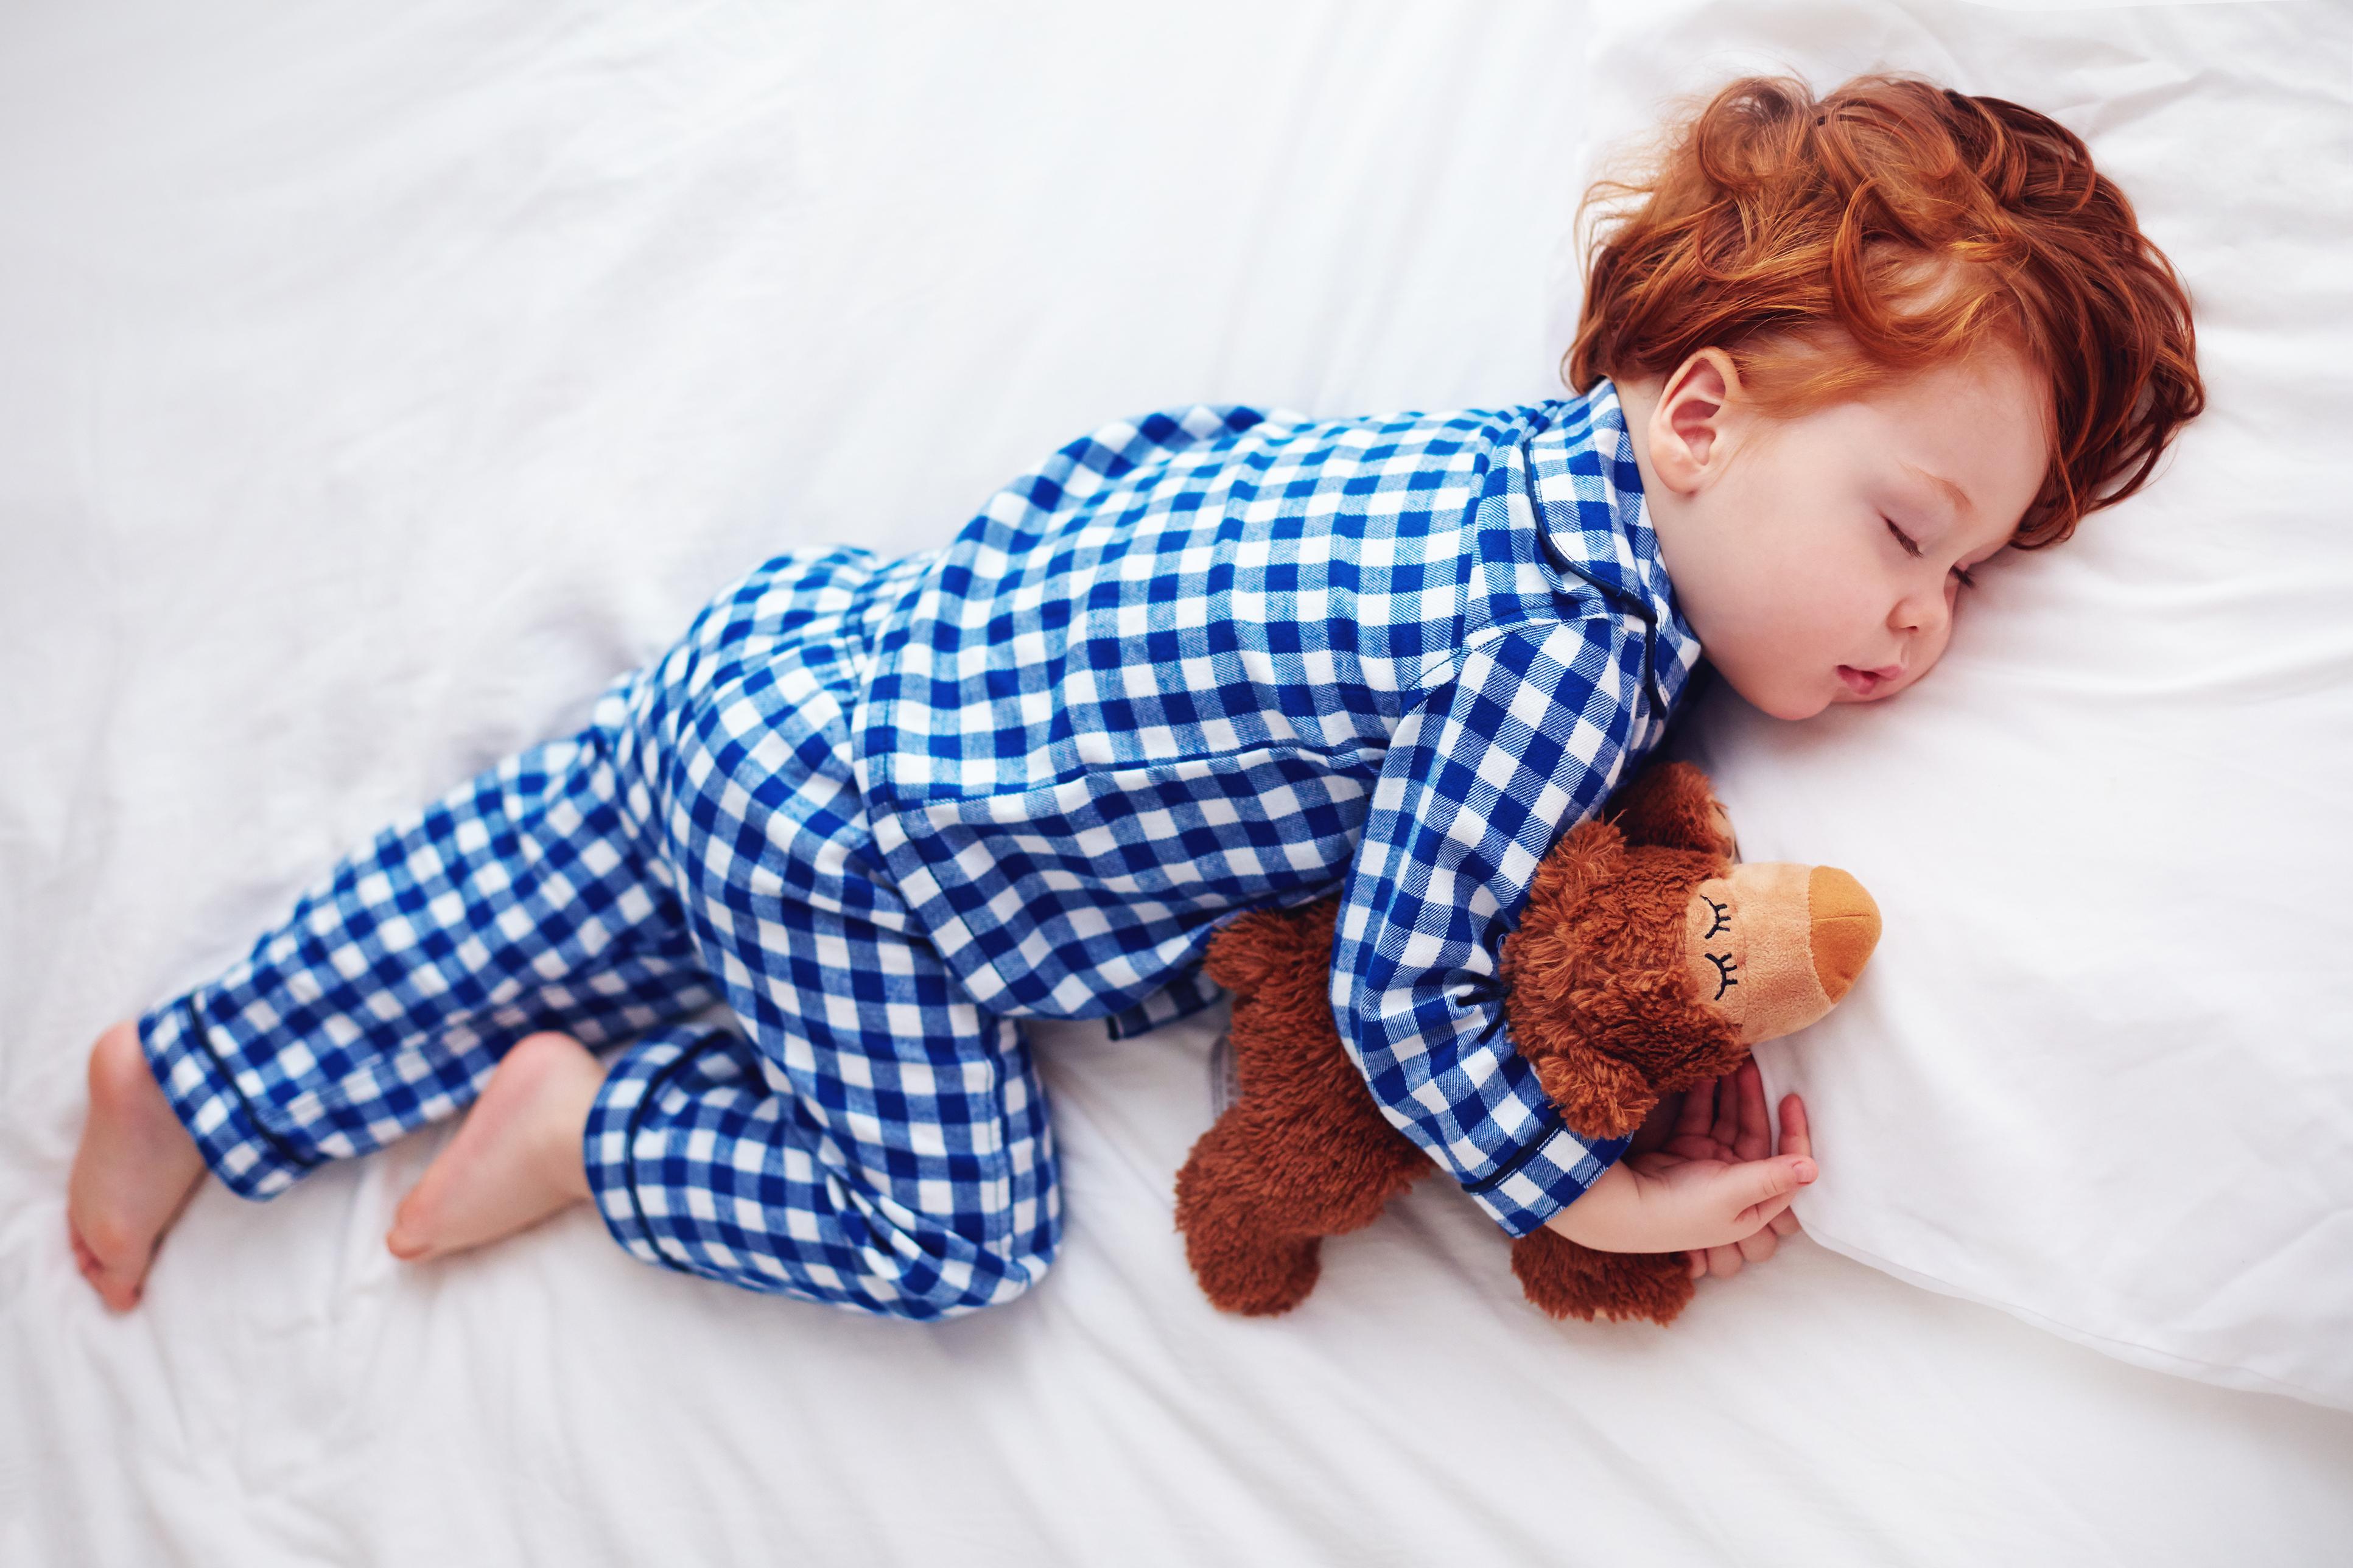 Скільки годин повинен спати дитина: непроста правда для турботливих батьків